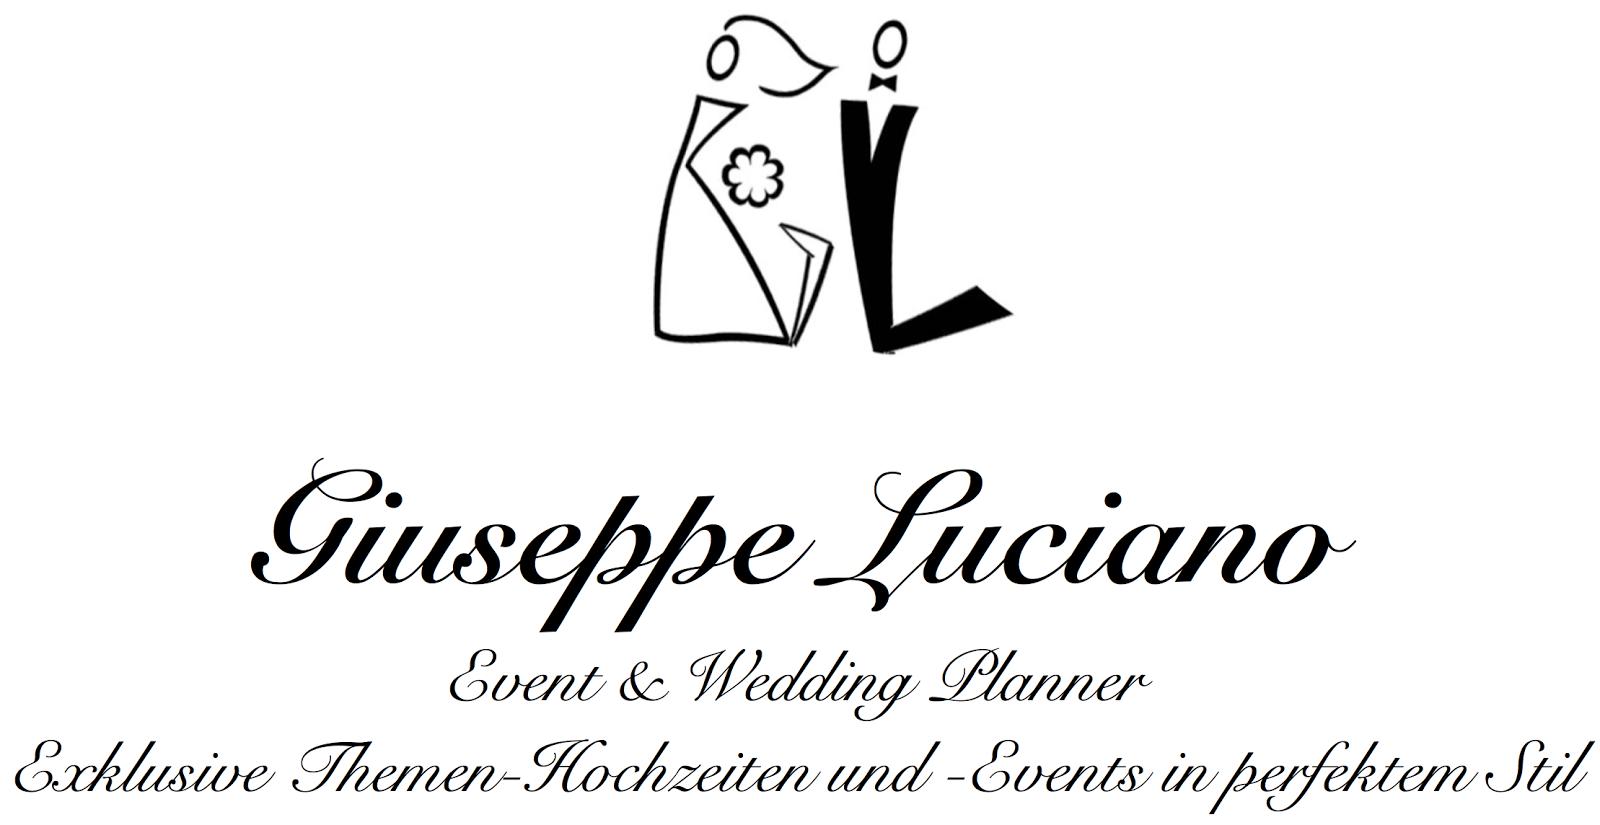 Giuseppe Luciano